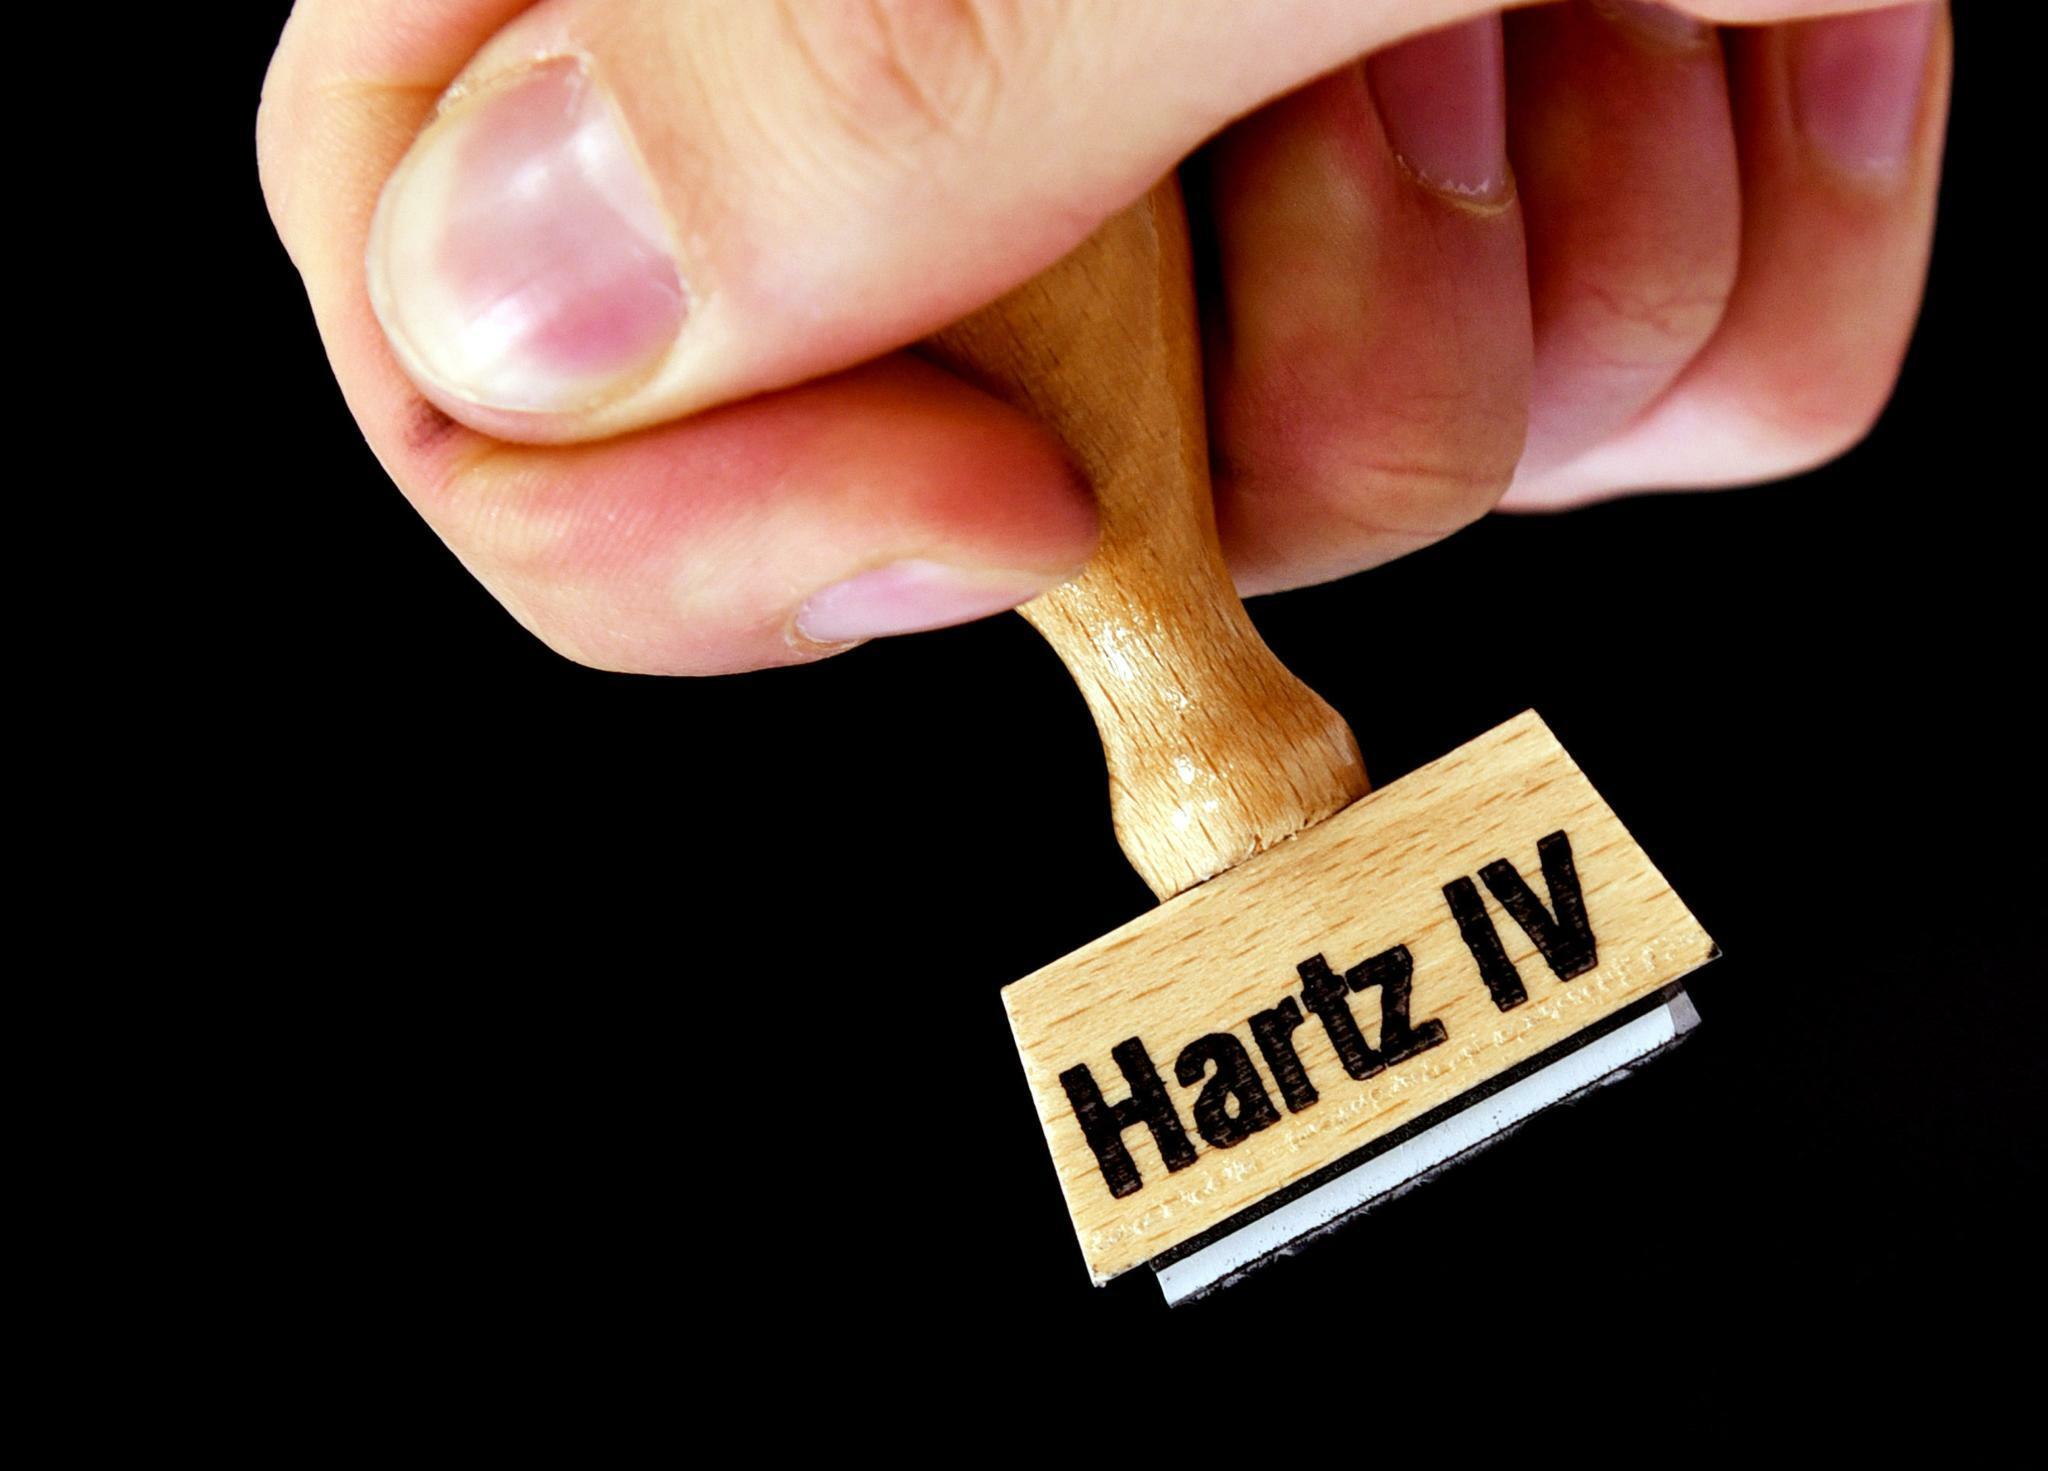 Bundesregierung: Bund kürzte Hartz IV-Leistungen 2018 um 174 Millionen Euro